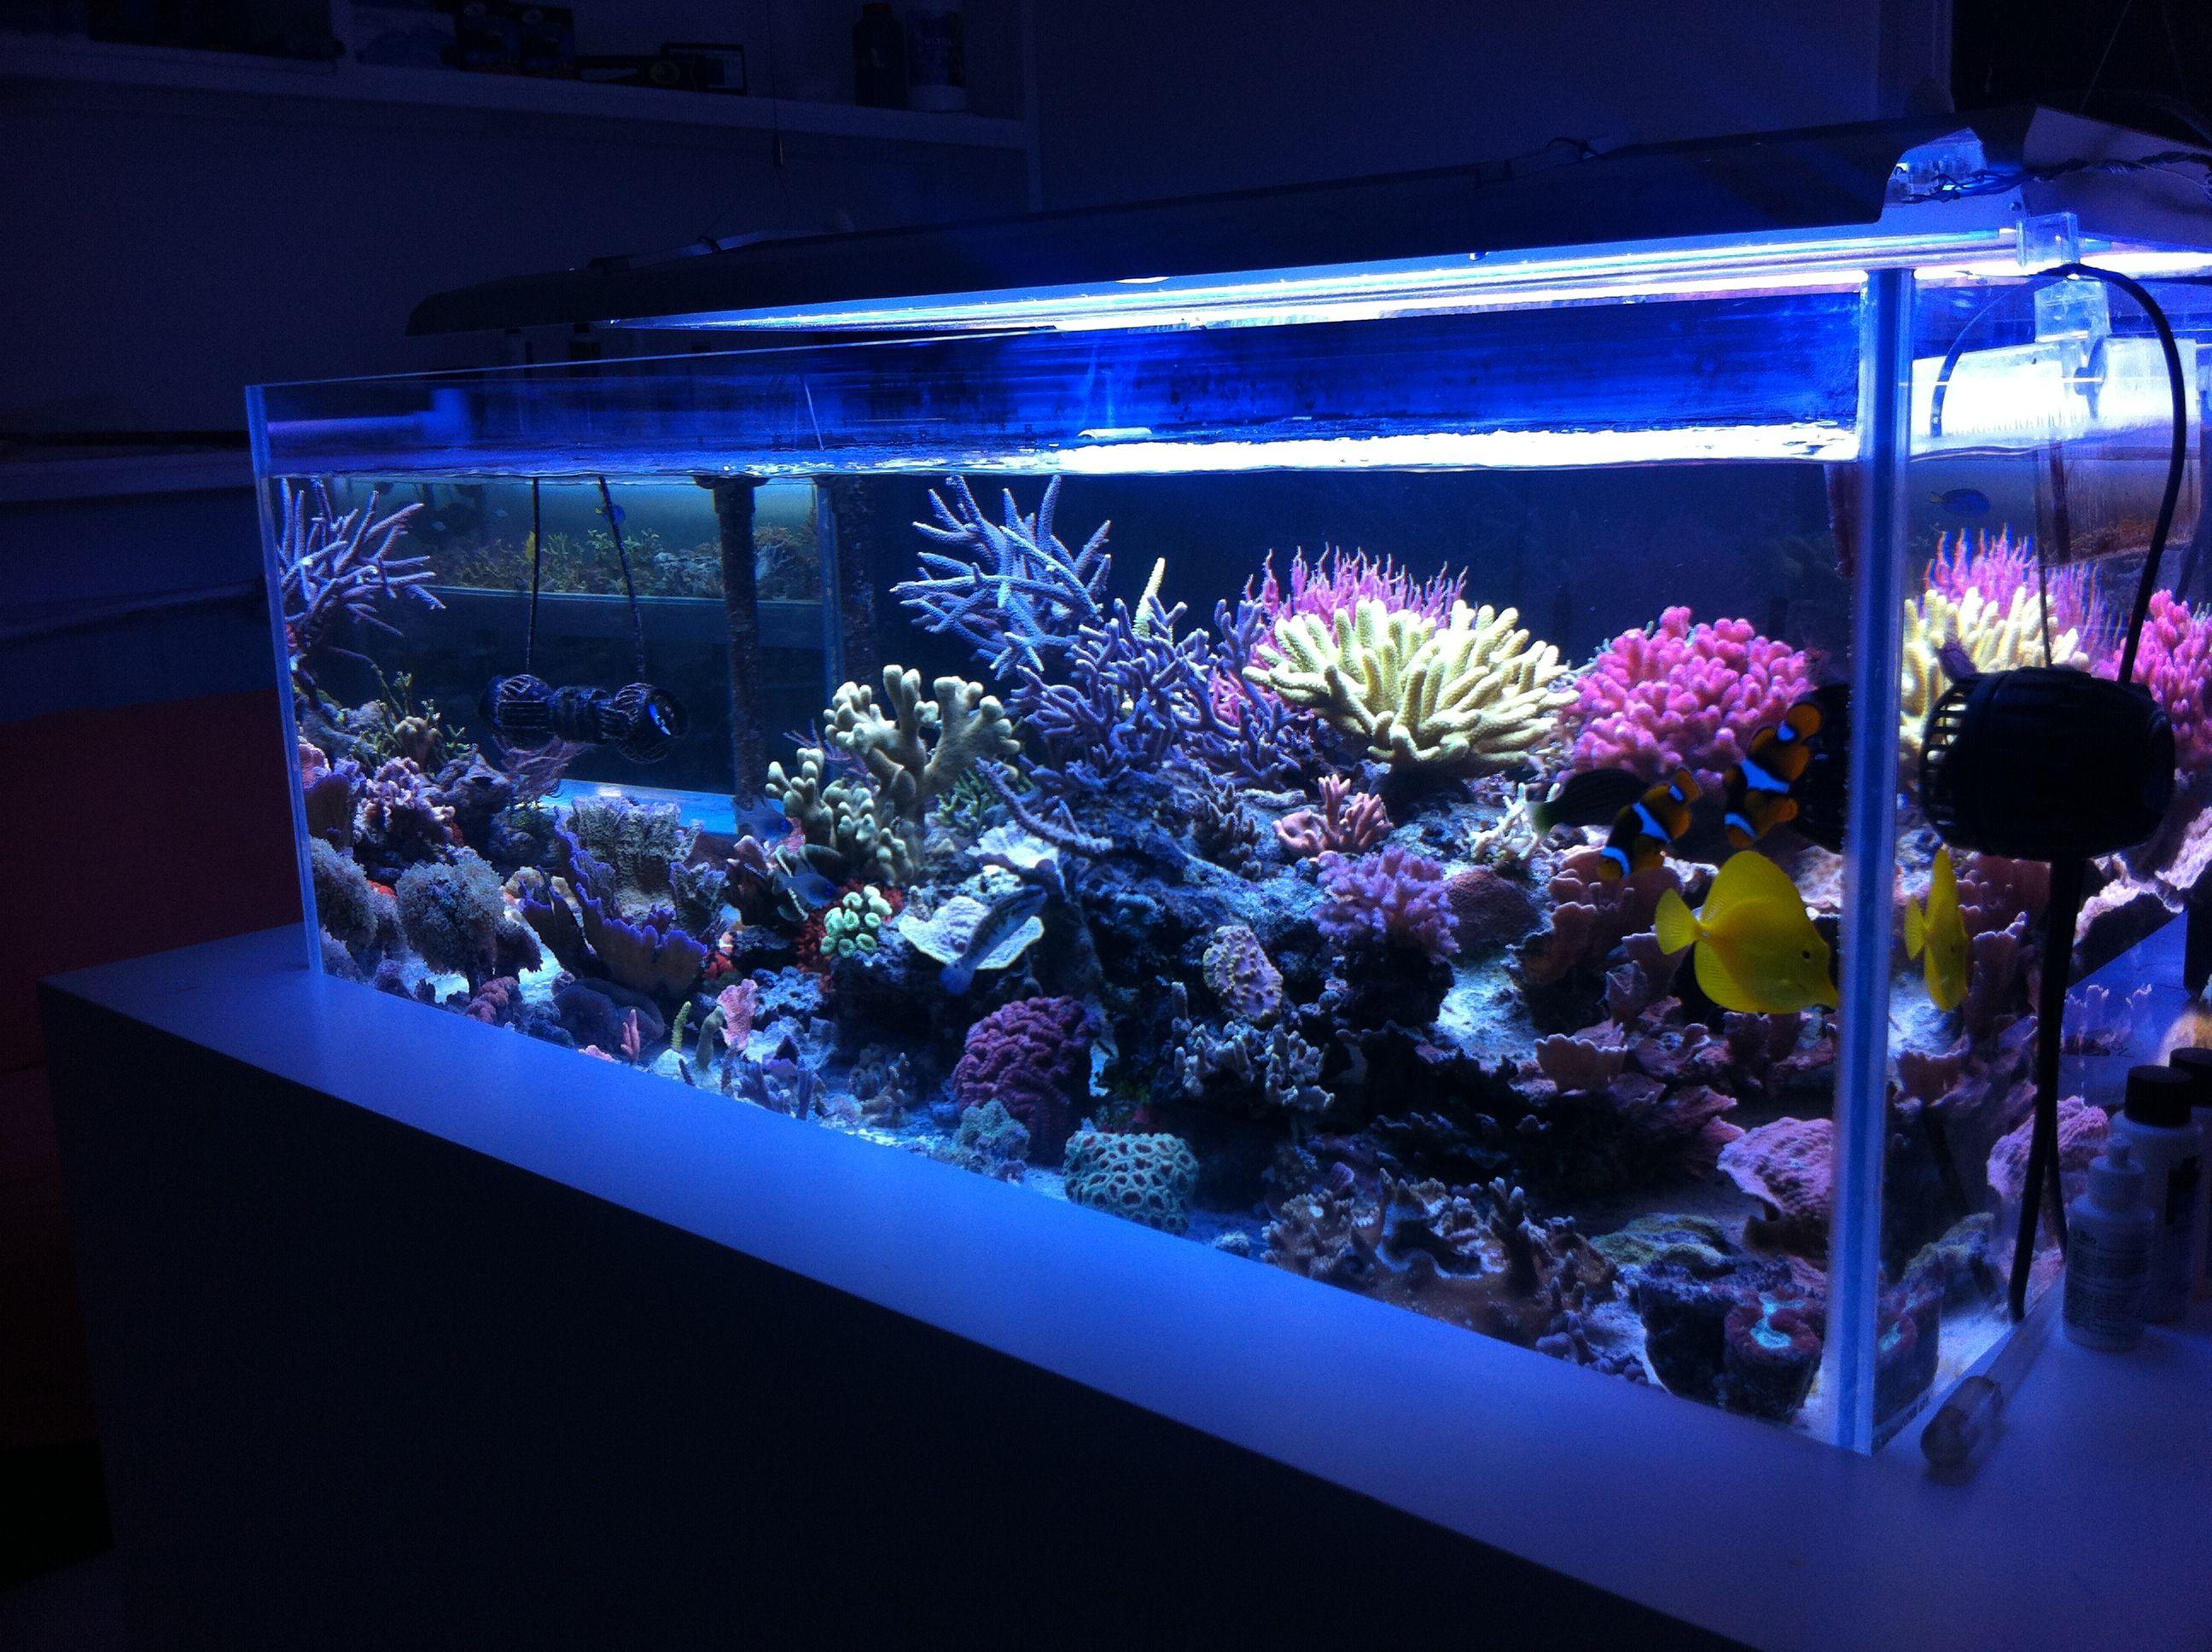 Moj Morski akvarijum